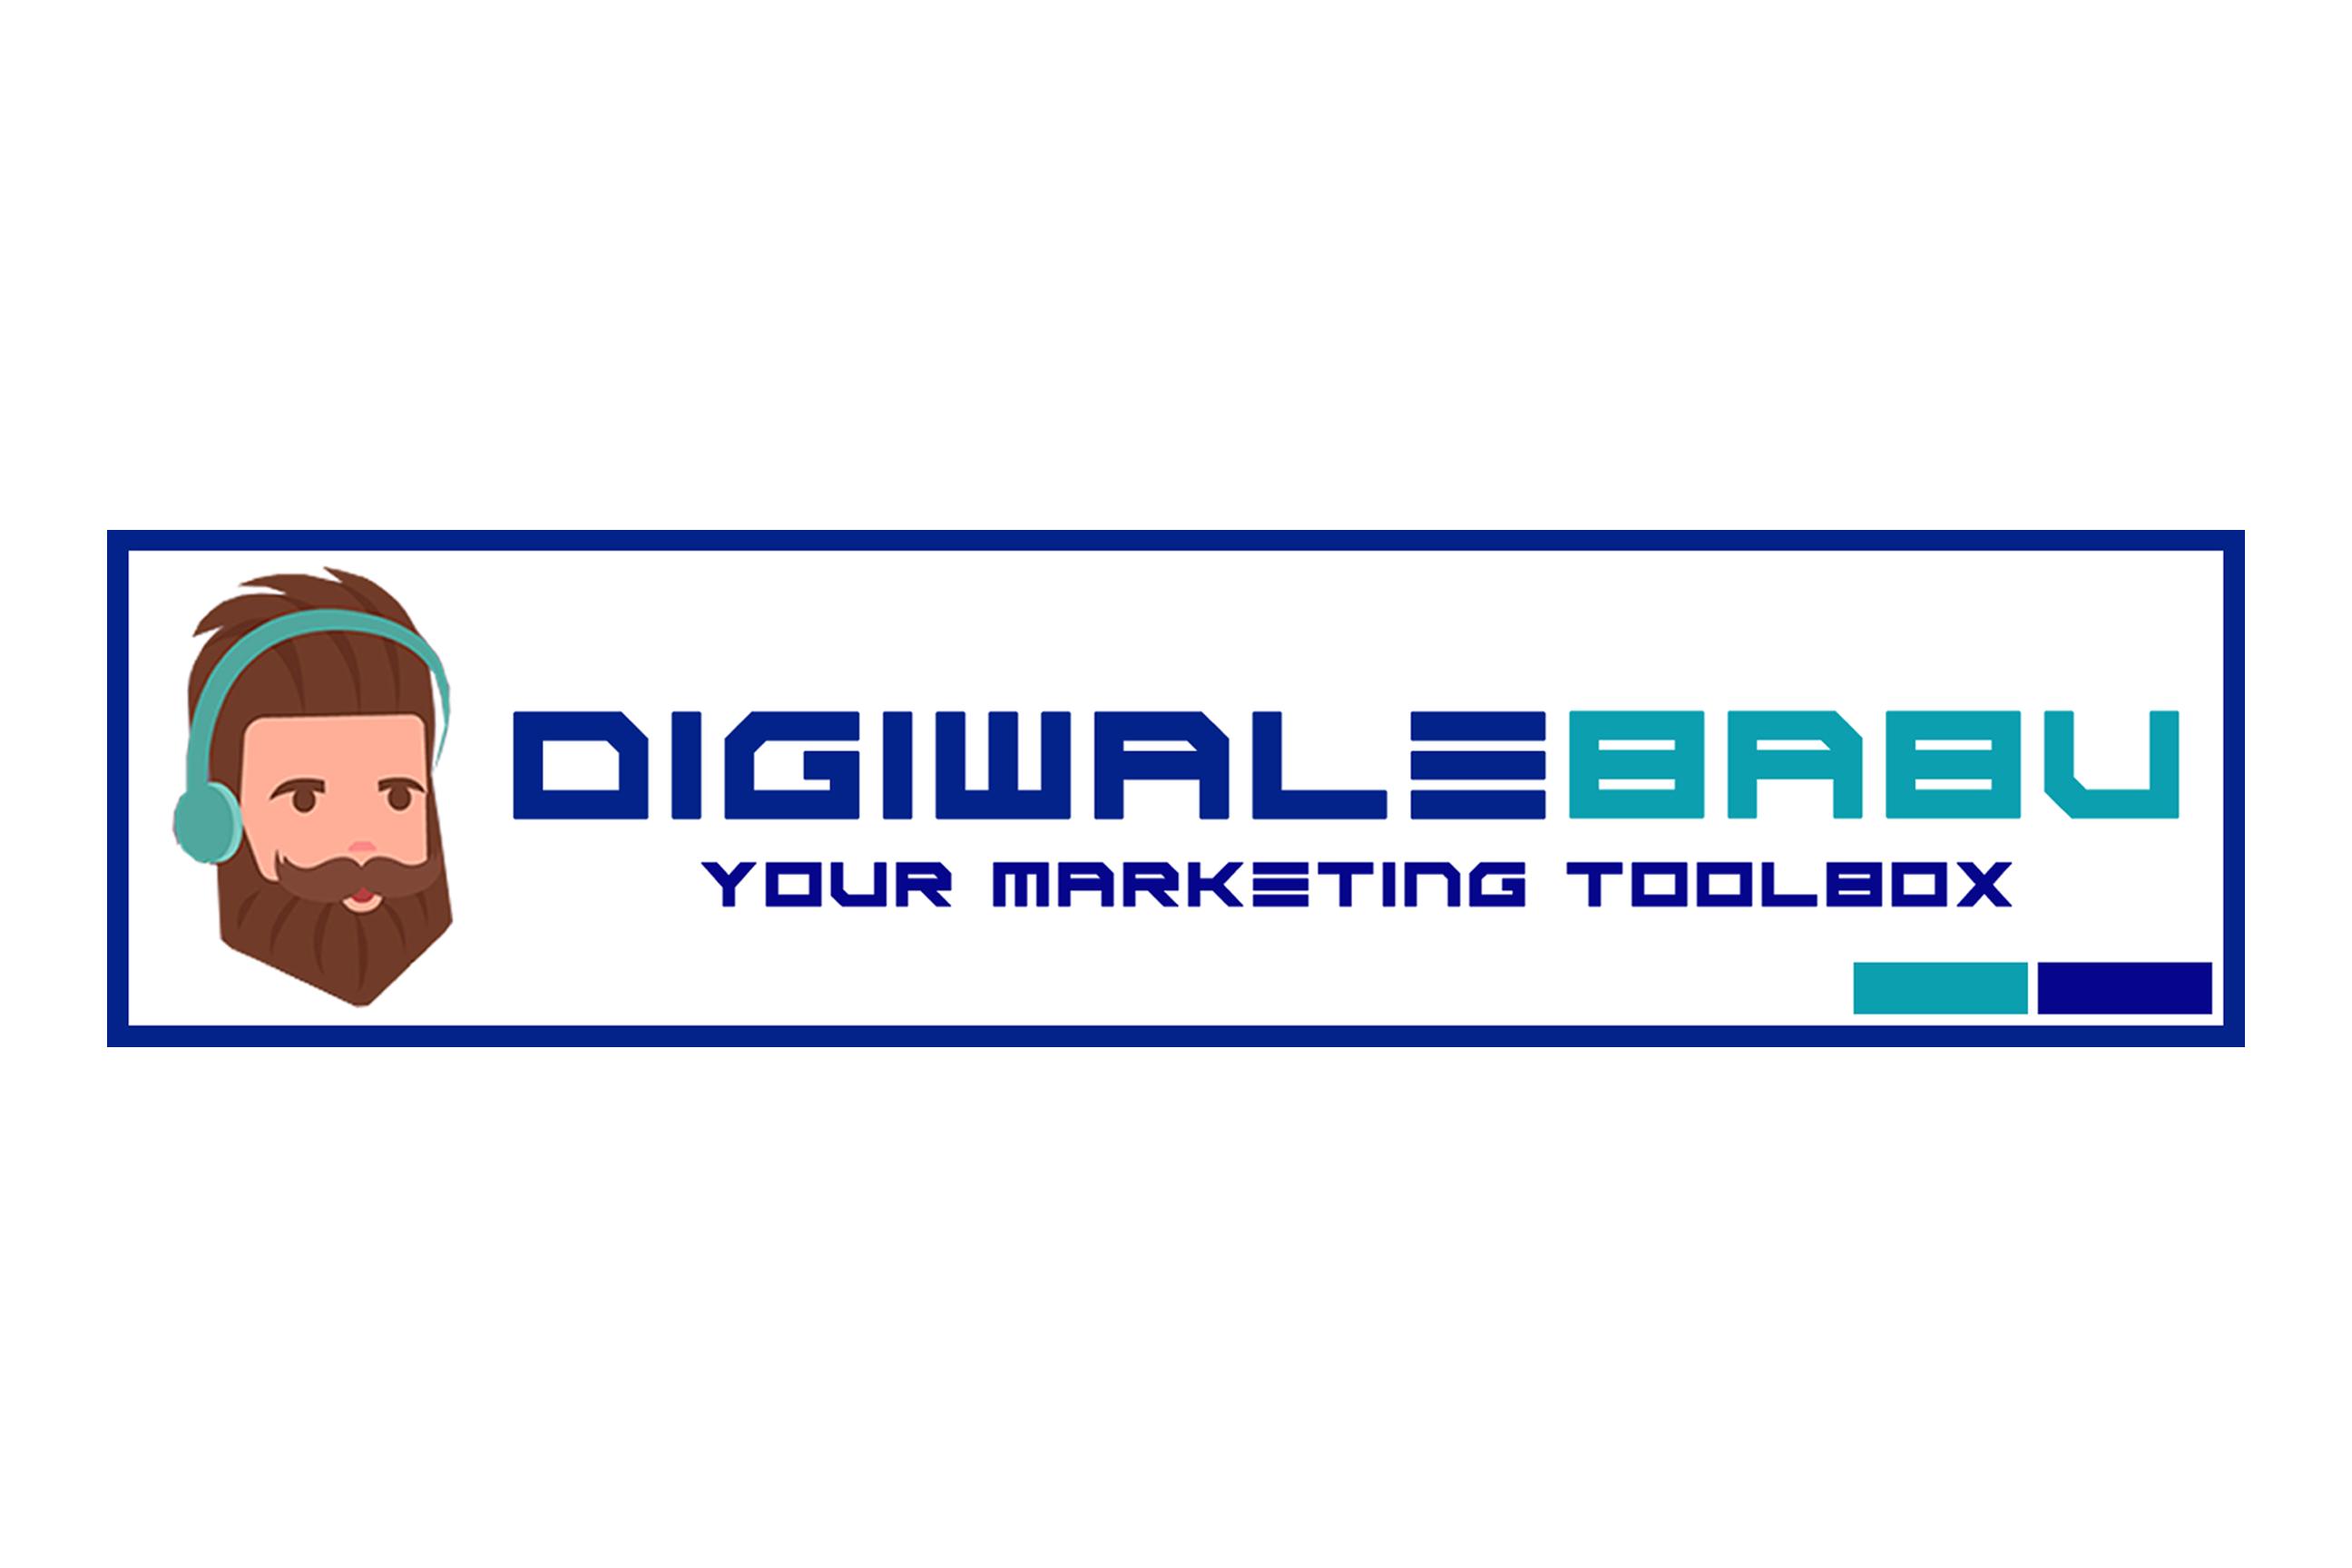 Digiwalebabu- Digital Marketing Company in Bihar